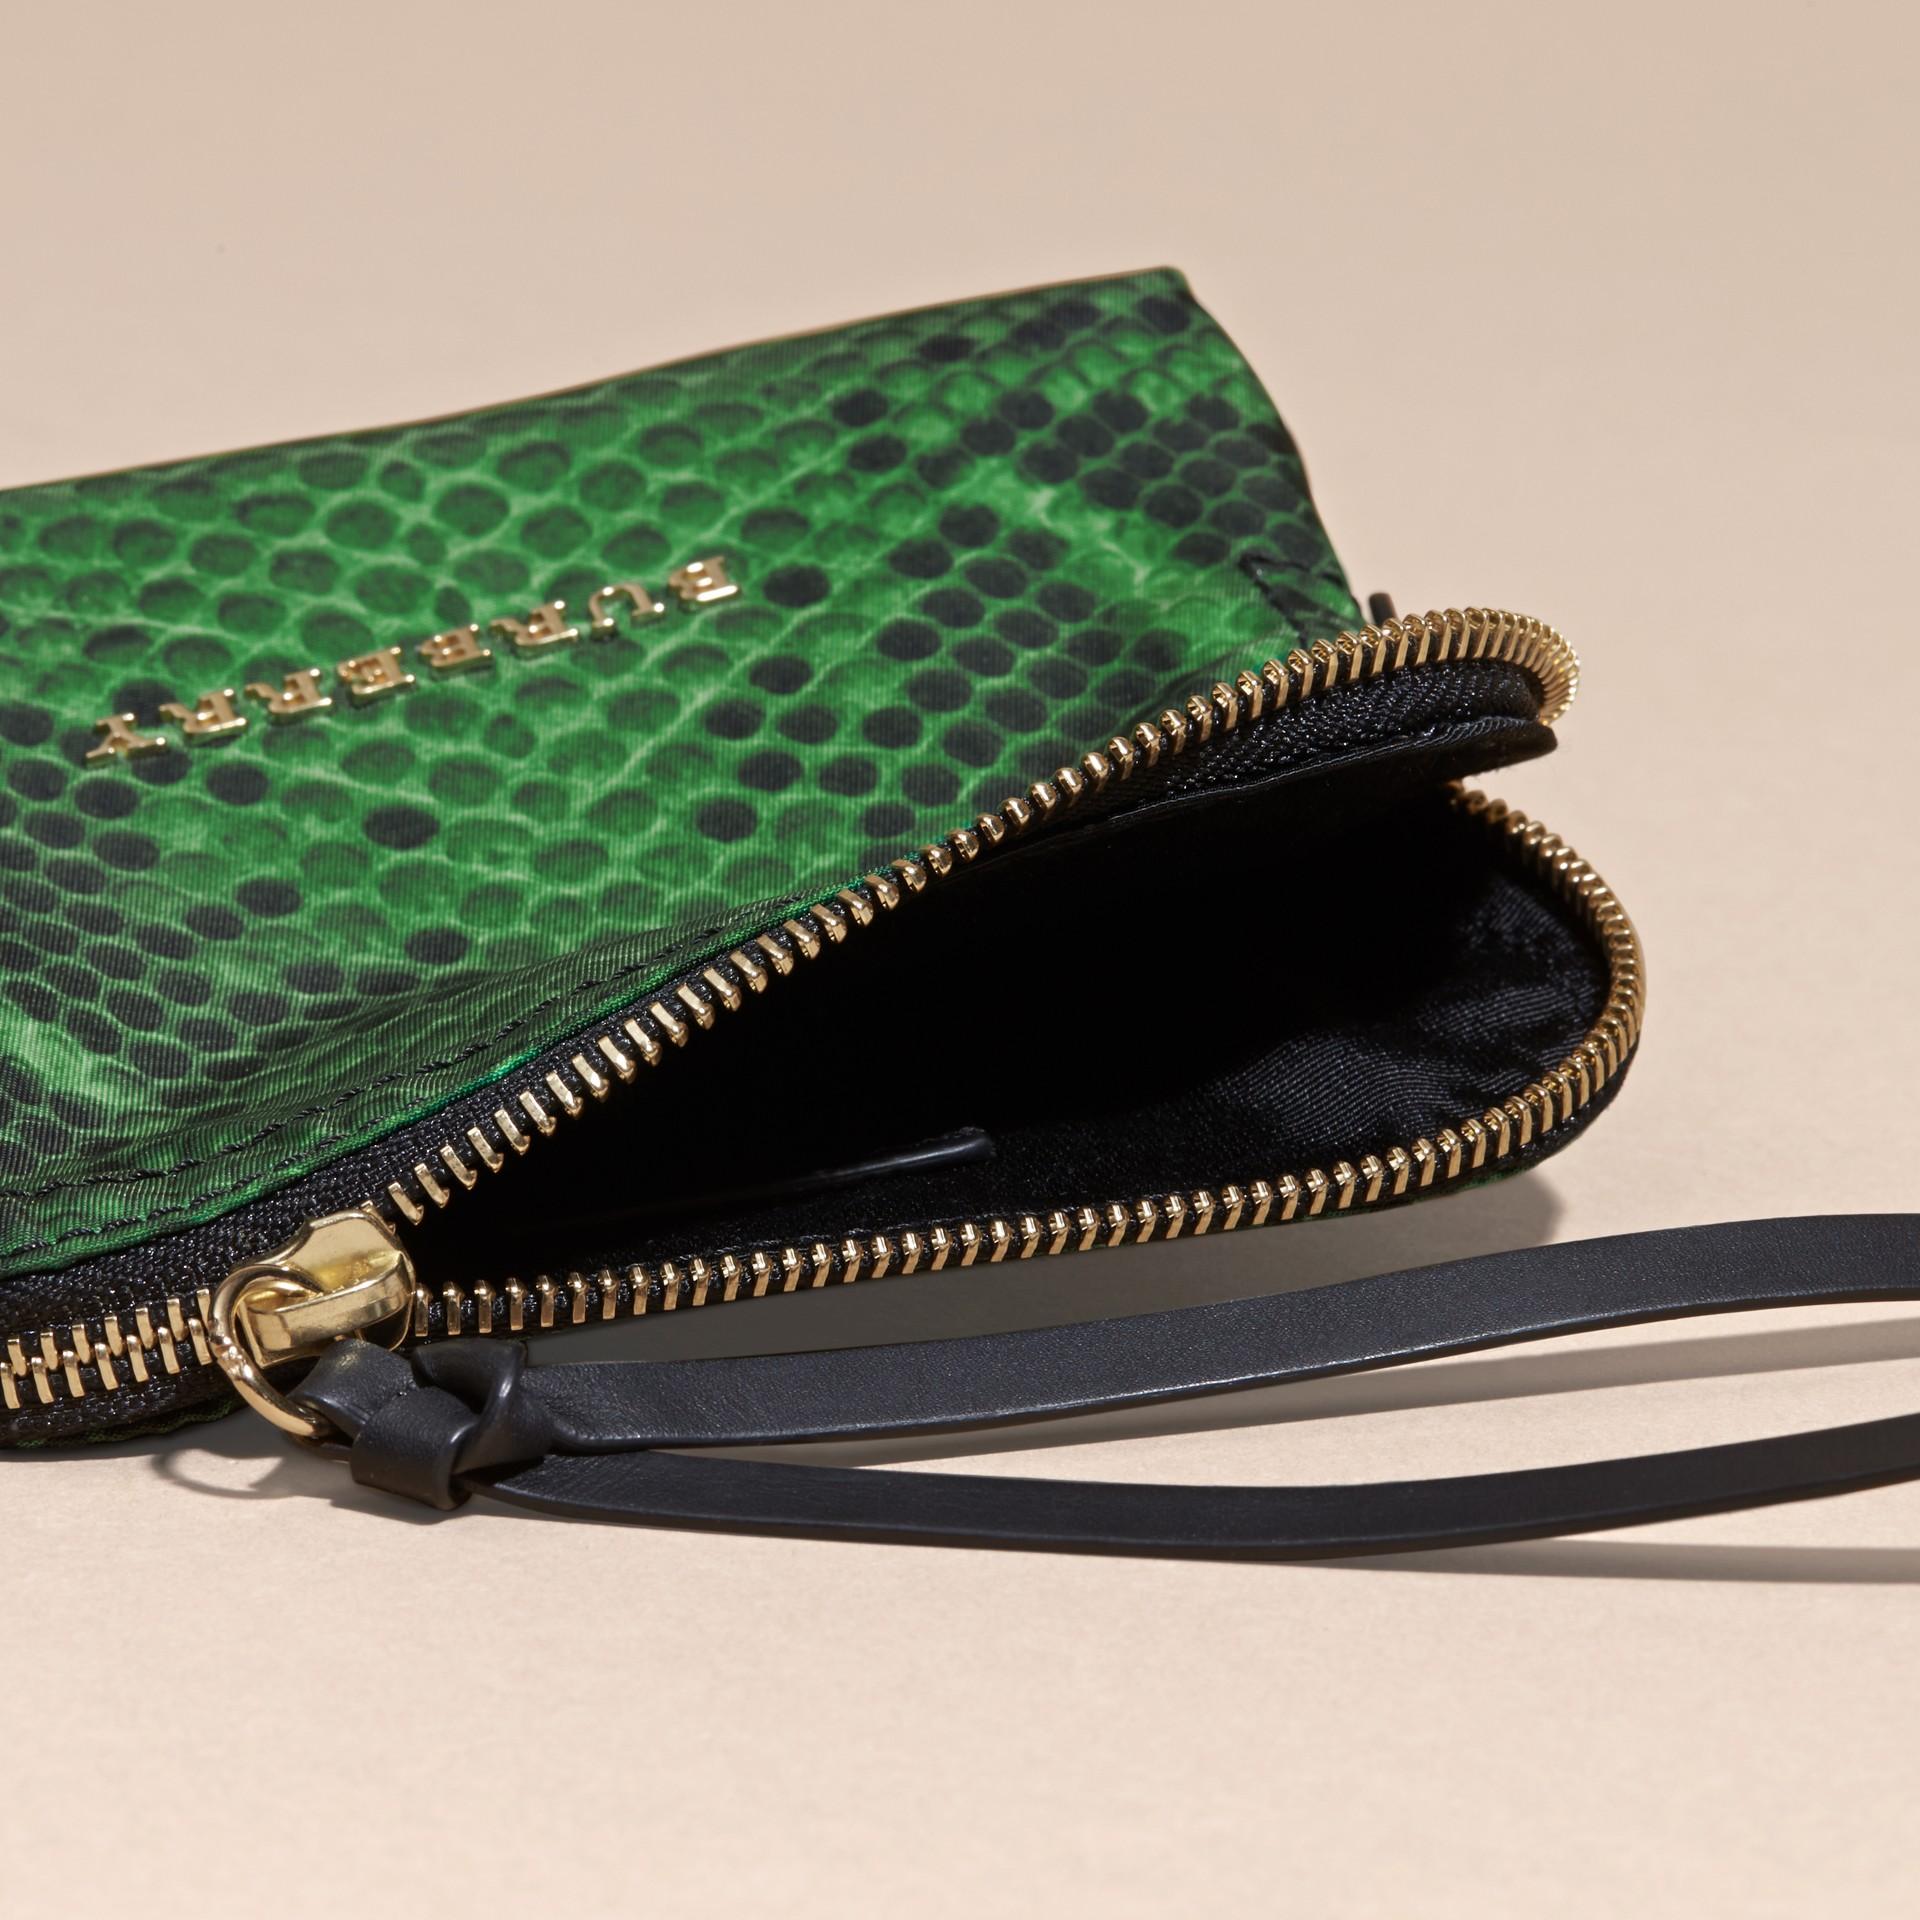 Verde brillante Beauty case in nylon tecnico con stampa pitone e cerniera superiore Verde Brillante - immagine della galleria 5